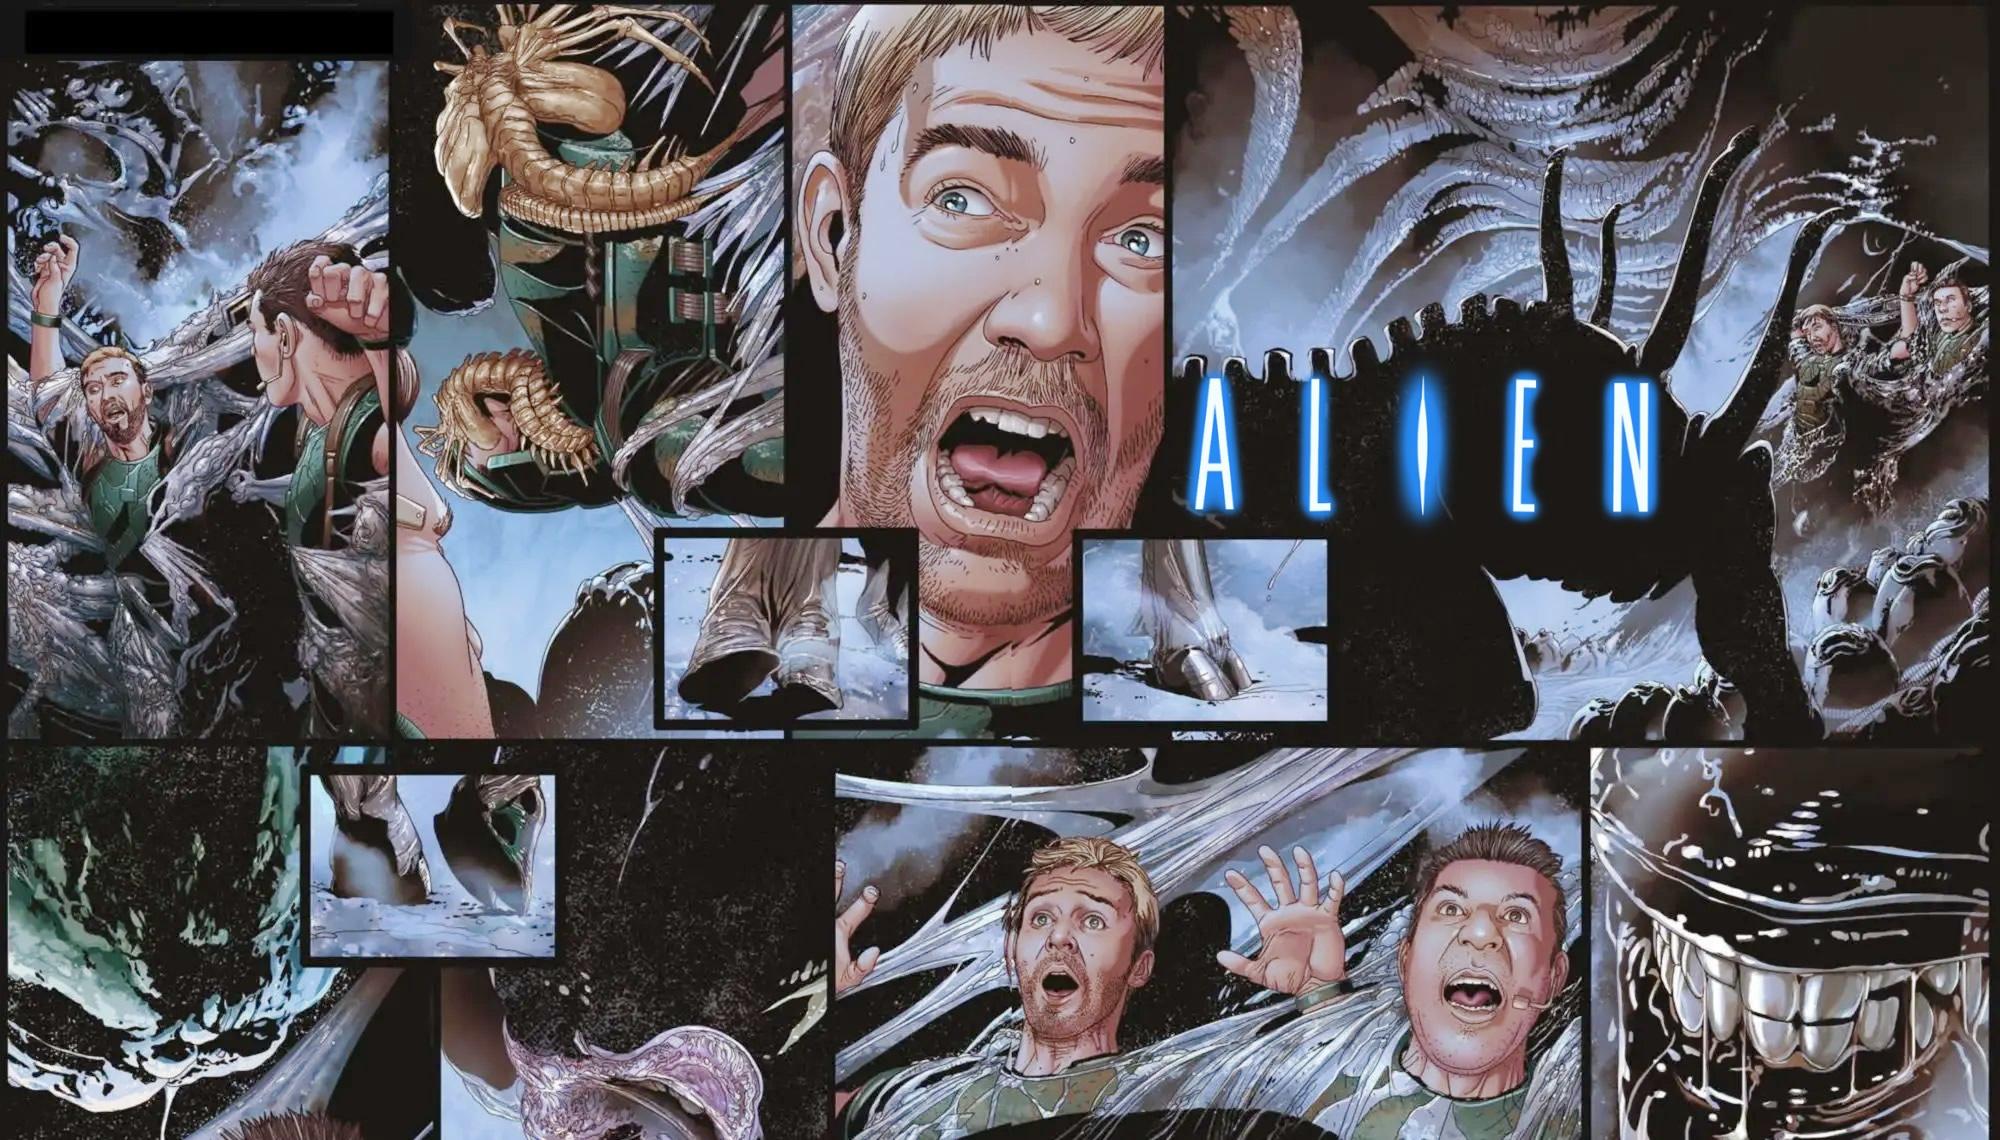 ALIEN # 1 Marvel Comics divulga um trailer para o lançamento de sua série em quadrinhos